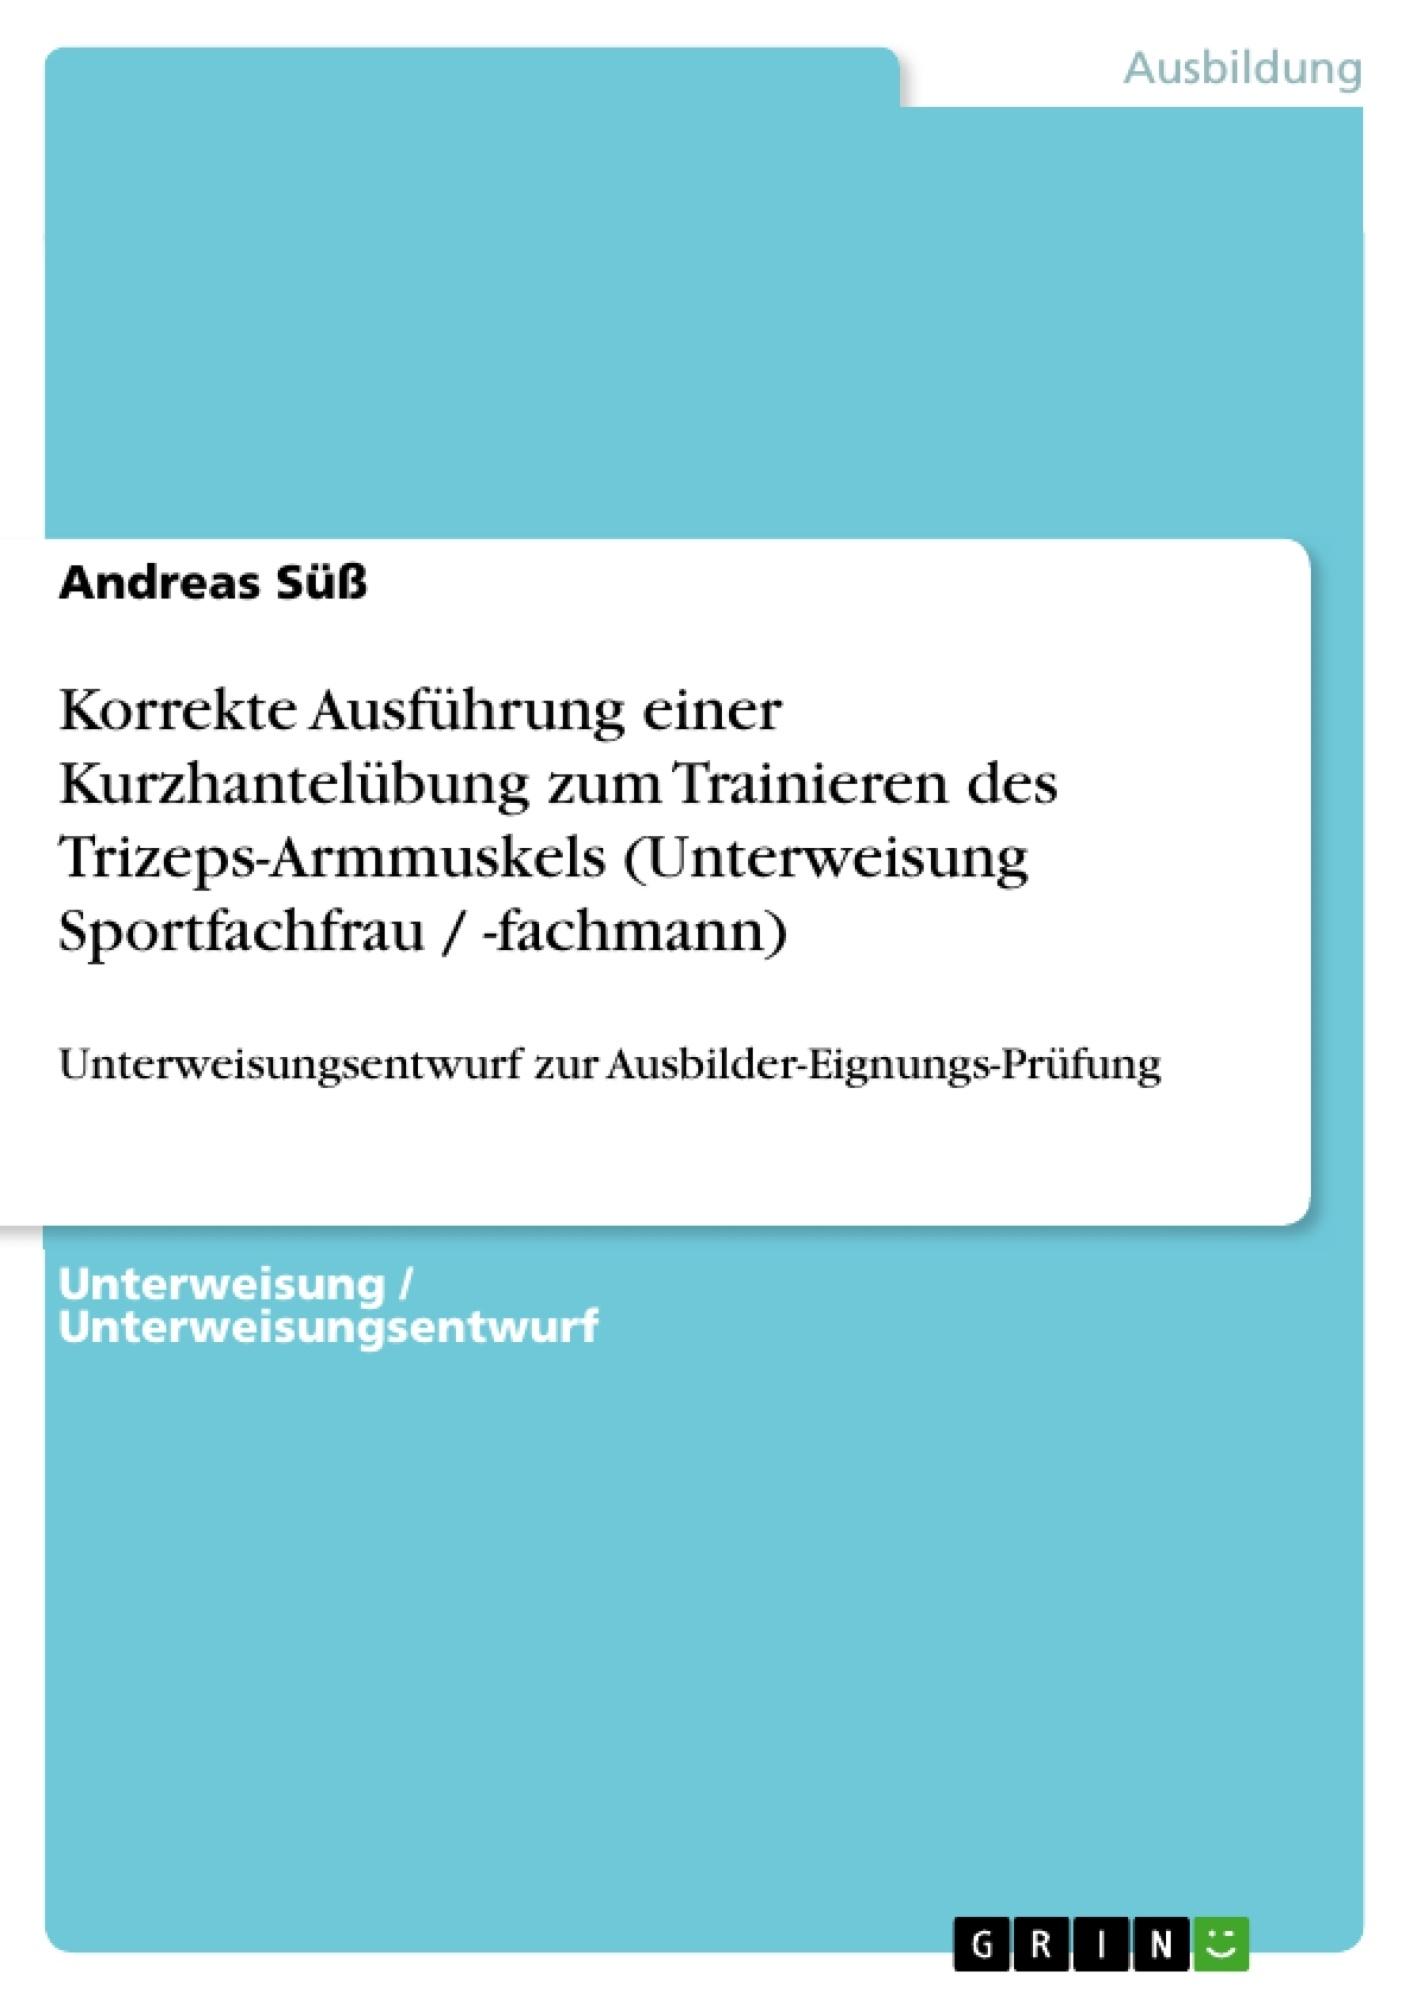 Titel: Korrekte Ausführung einer Kurzhantelübung zum Trainieren des Trizeps-Armmuskels (Unterweisung Sportfachfrau / -fachmann)